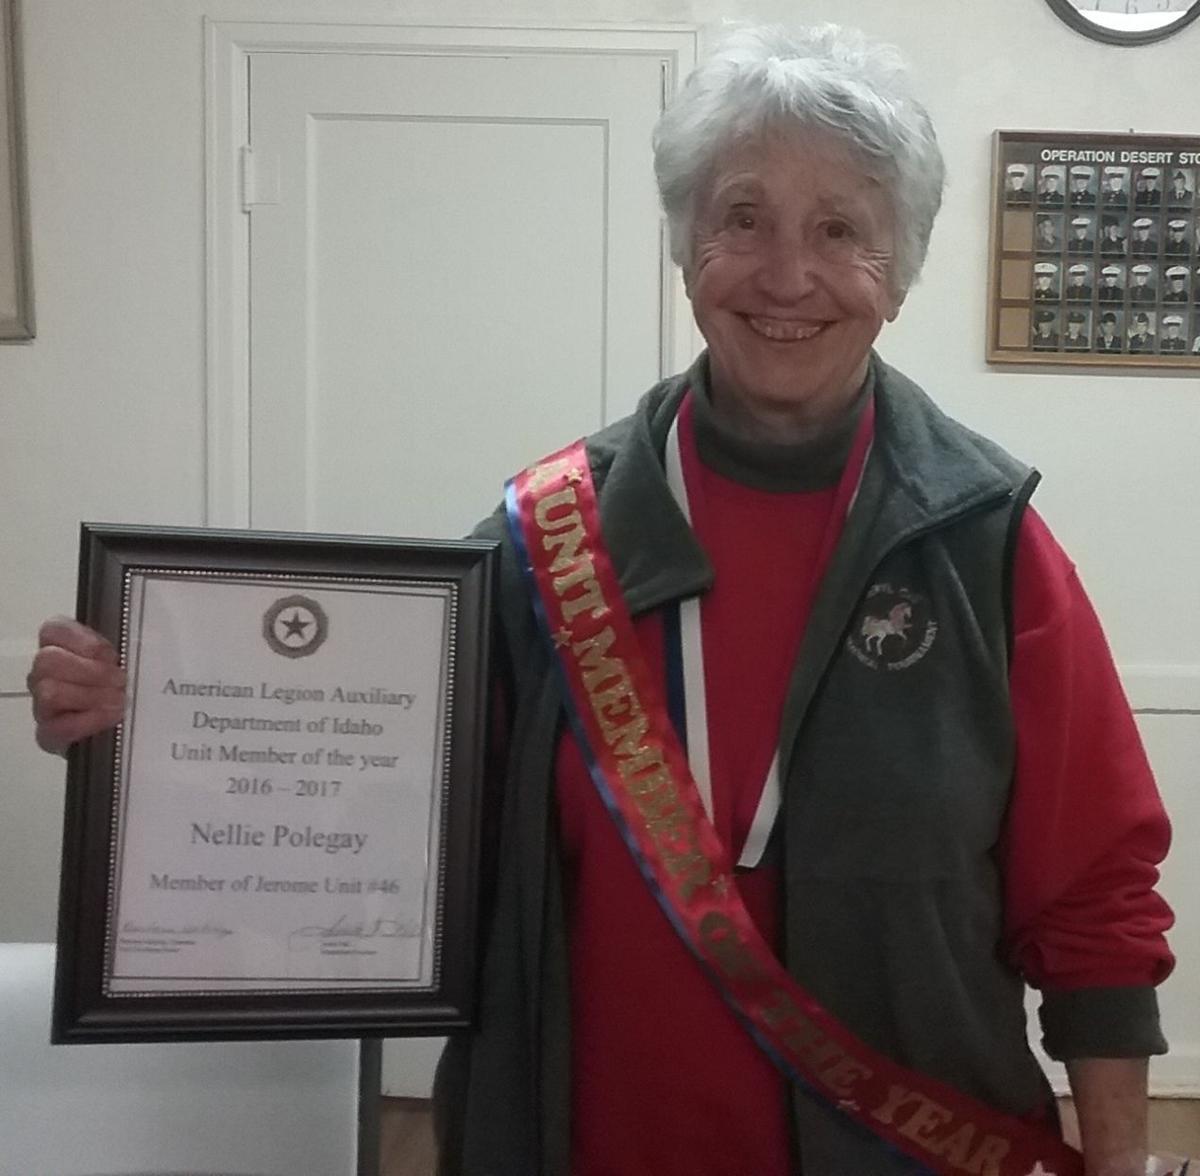 American Legion Auxiliary award